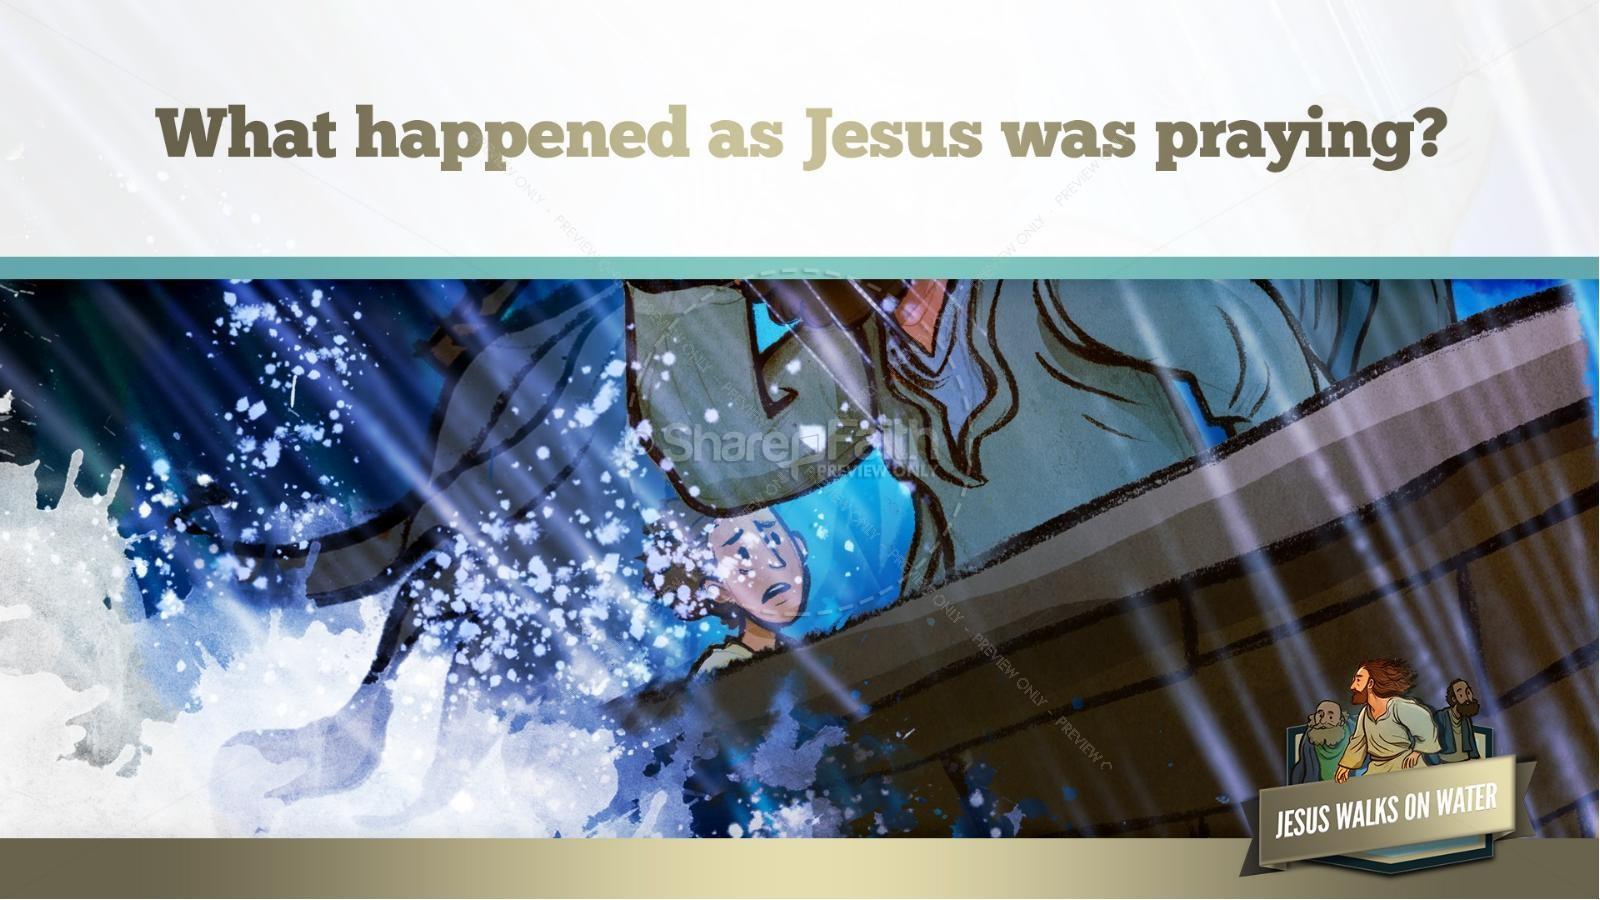 Jesus Walks On Water Kids Bible Story